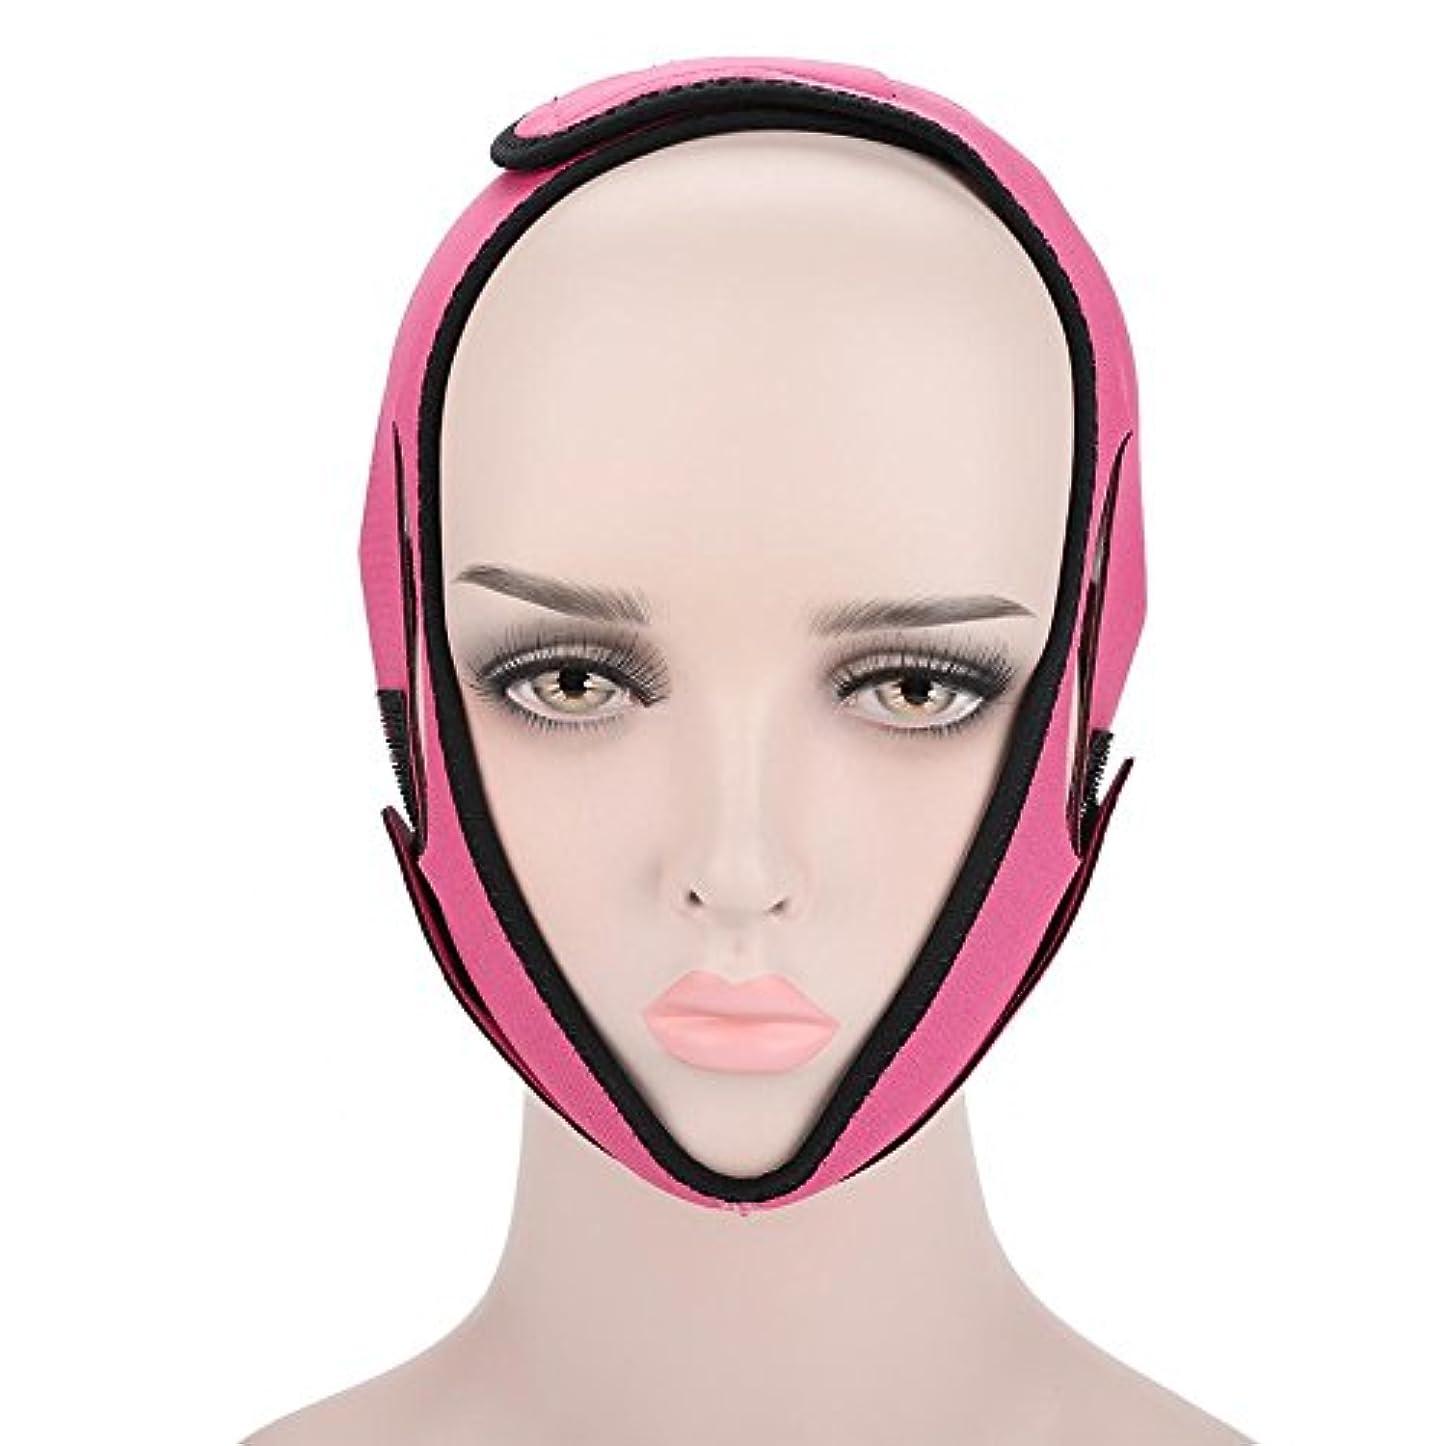 地図地図近代化フェイススリミング包帯 顔の包帯フェイシャルスリミングマスクフェイシャルケアのためのフェイシャルベルト薄い首のフェイスリフトダブルチン女性のための(3#)